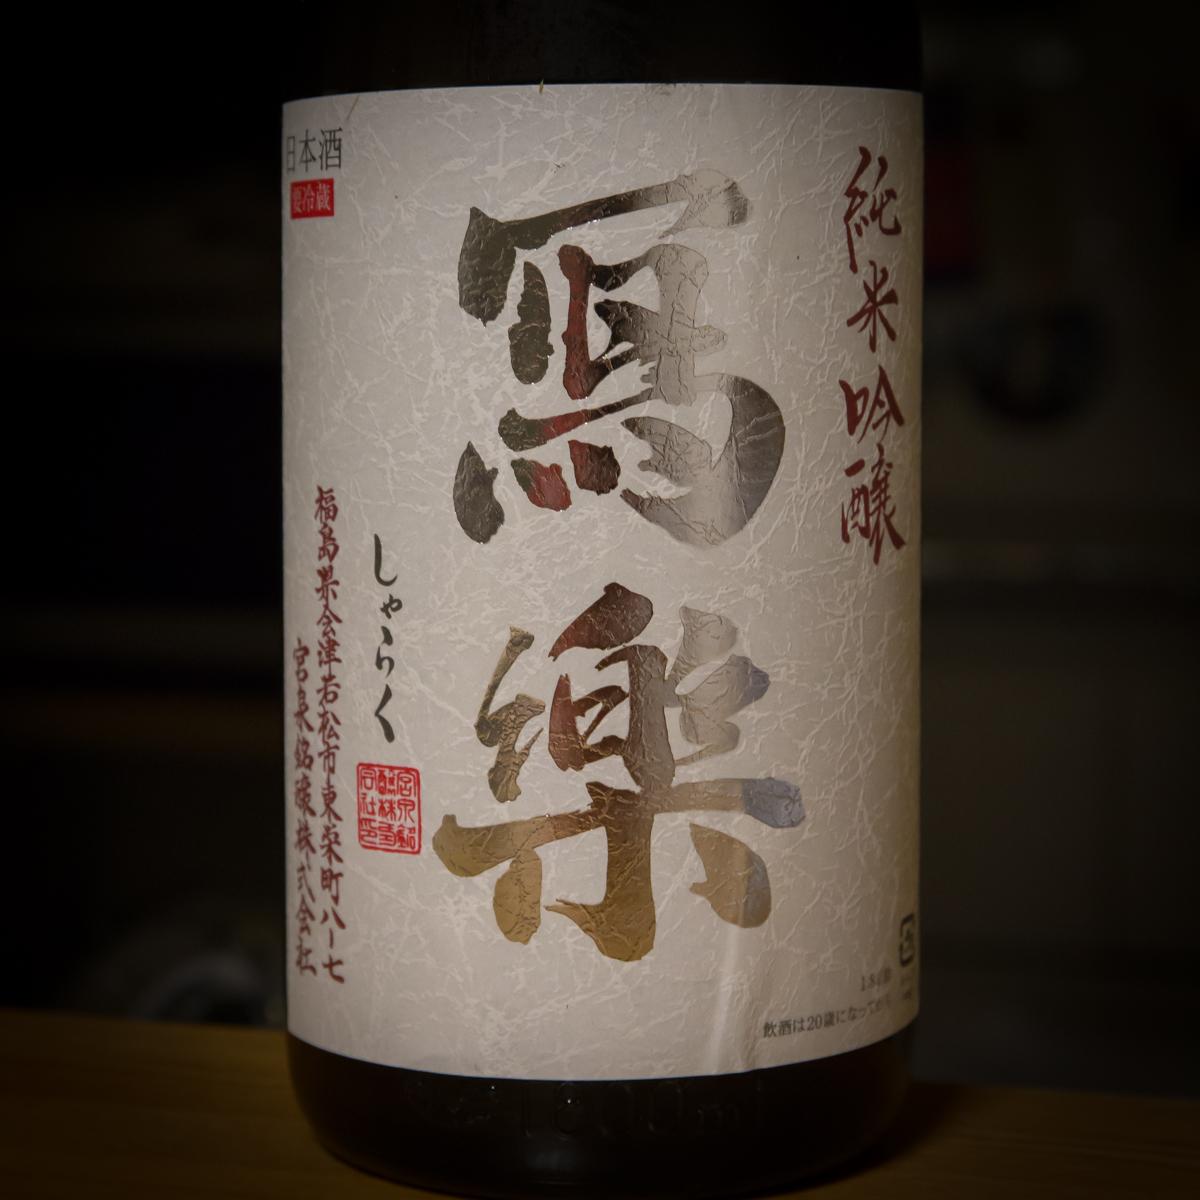 寫楽 純米吟醸 羽州誉(うしゅうほまれ)(2)